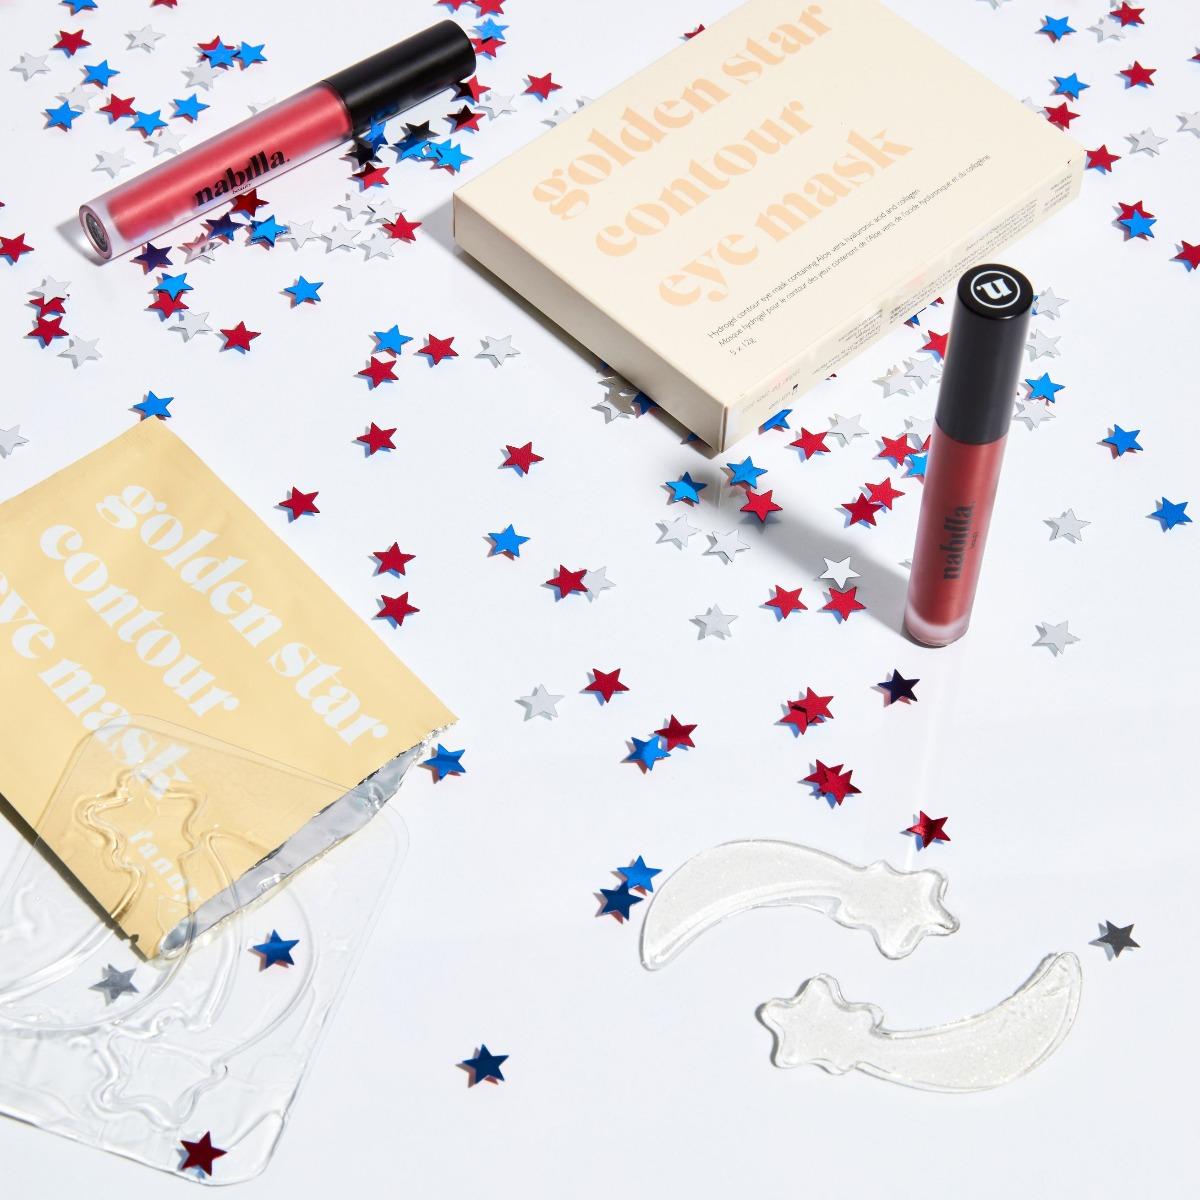 1 boîte patchs yeux + 1 lipstick au choix